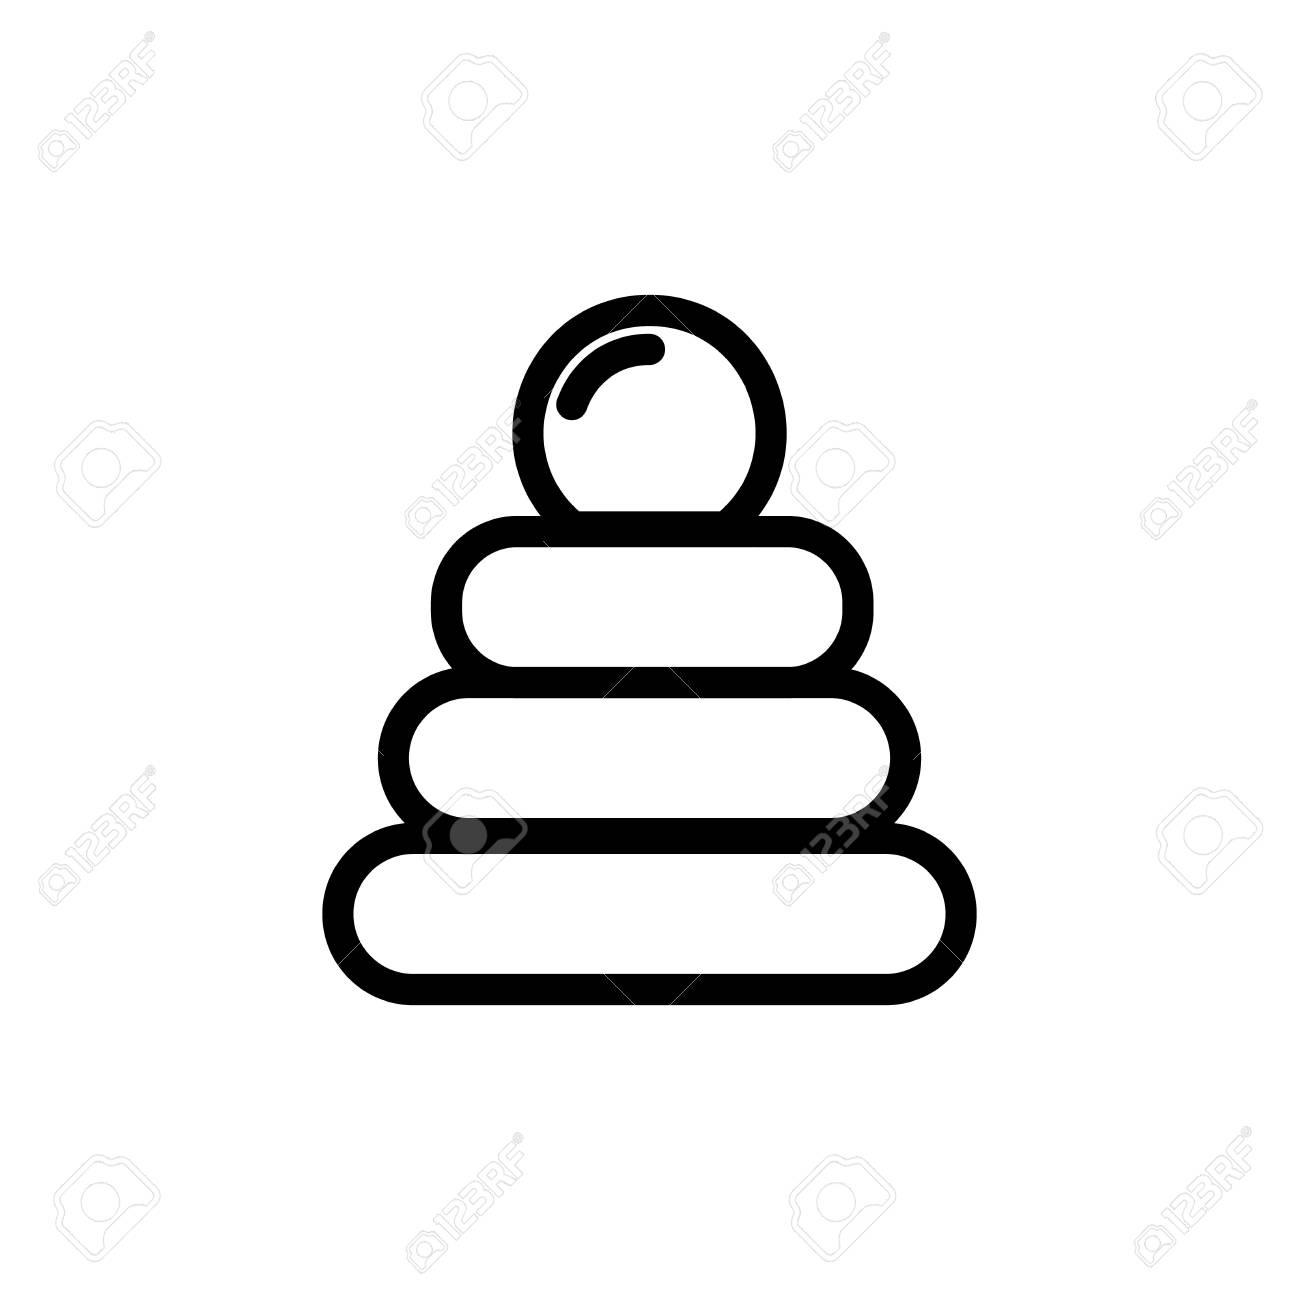 Icône De Fine Ligne De Jouet Pyramide Bébé. Outline Symbole Symbole De Jeu  Pour La Conception De Webstie Et Applications Mobiles Pour Enfants. pour Jeux Pour Bébé En Ligne